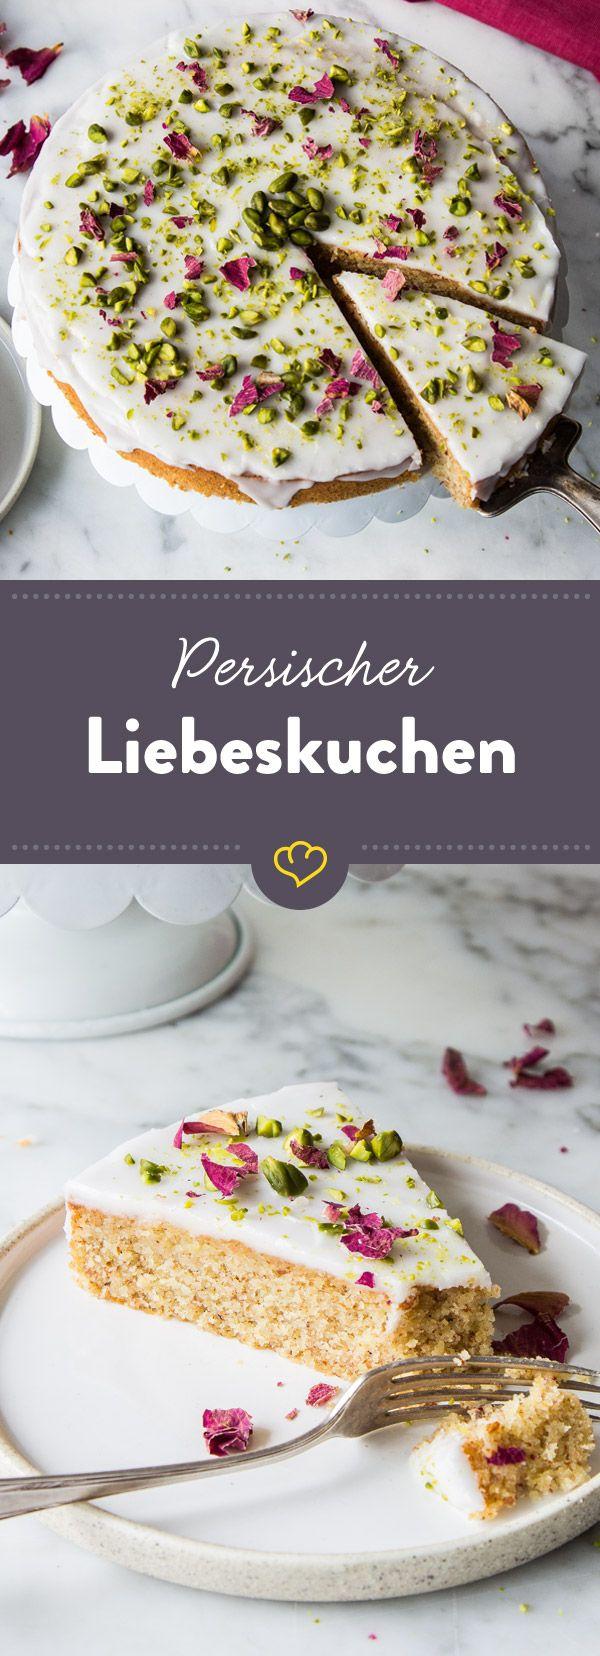 Persischer Liebeskuchen mit Rosenwasser #dessertrecipes